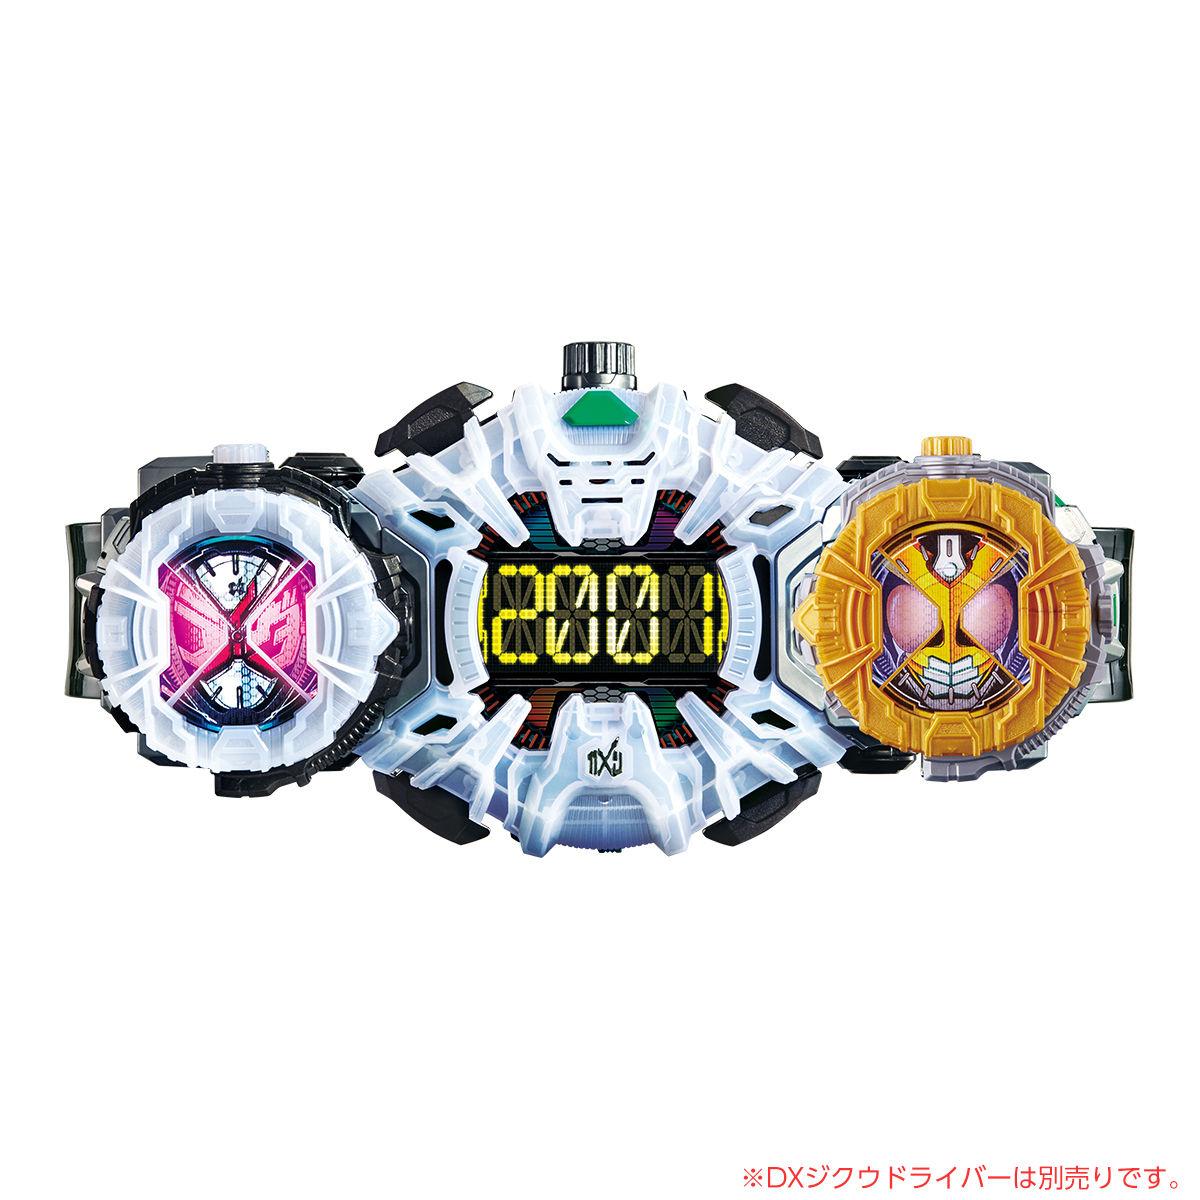 仮面ライダージオウ『DXアギトライドウォッチ』変身なりきり-004